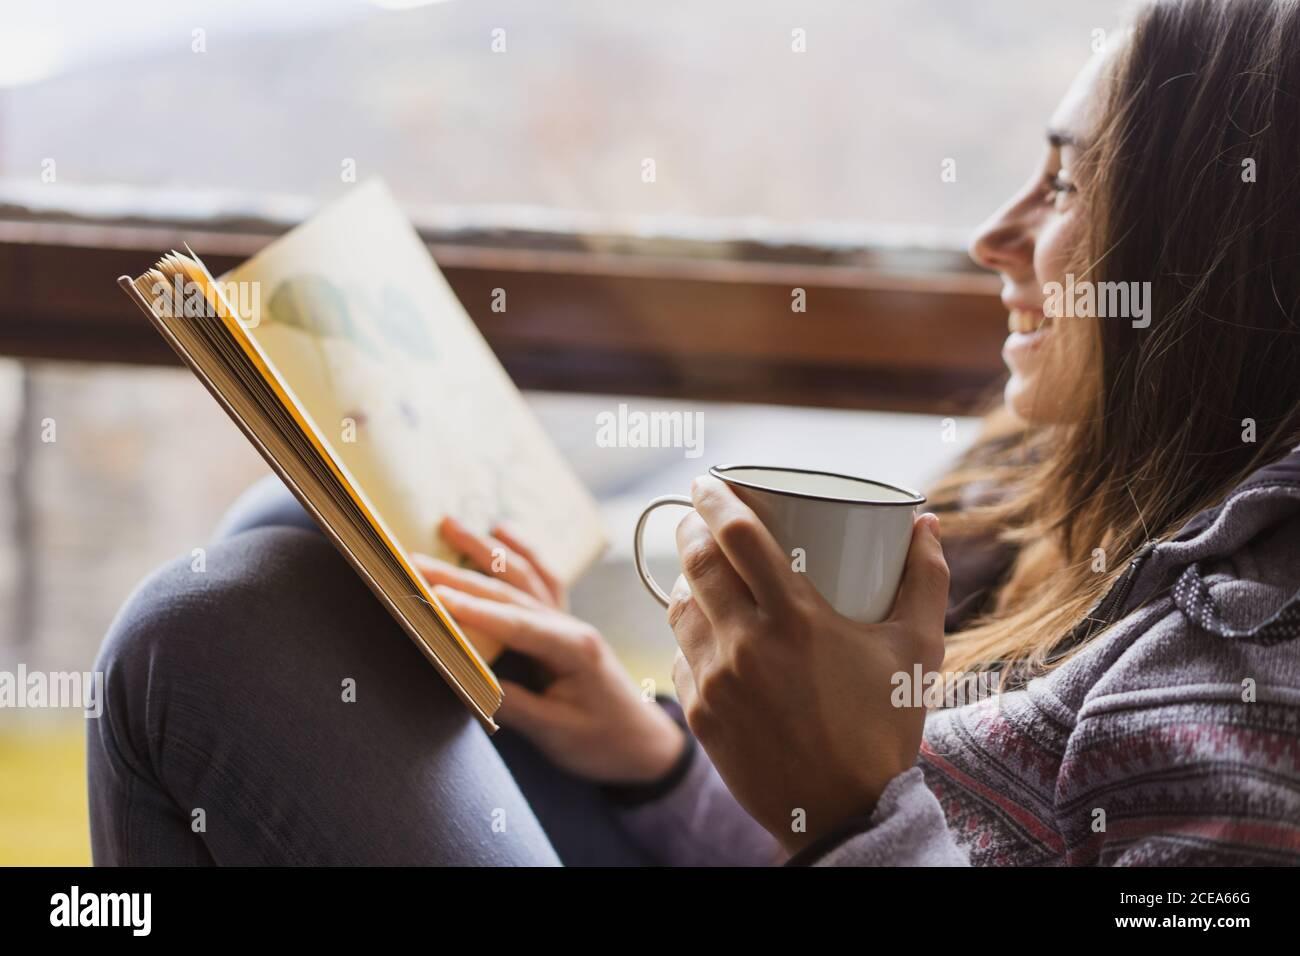 Vista laterale della giovane donna con tazza di caldo fresco bevete leggendo un libro interessante mentre sedete vicino alla finestra enorme dentro camera accogliente Foto Stock